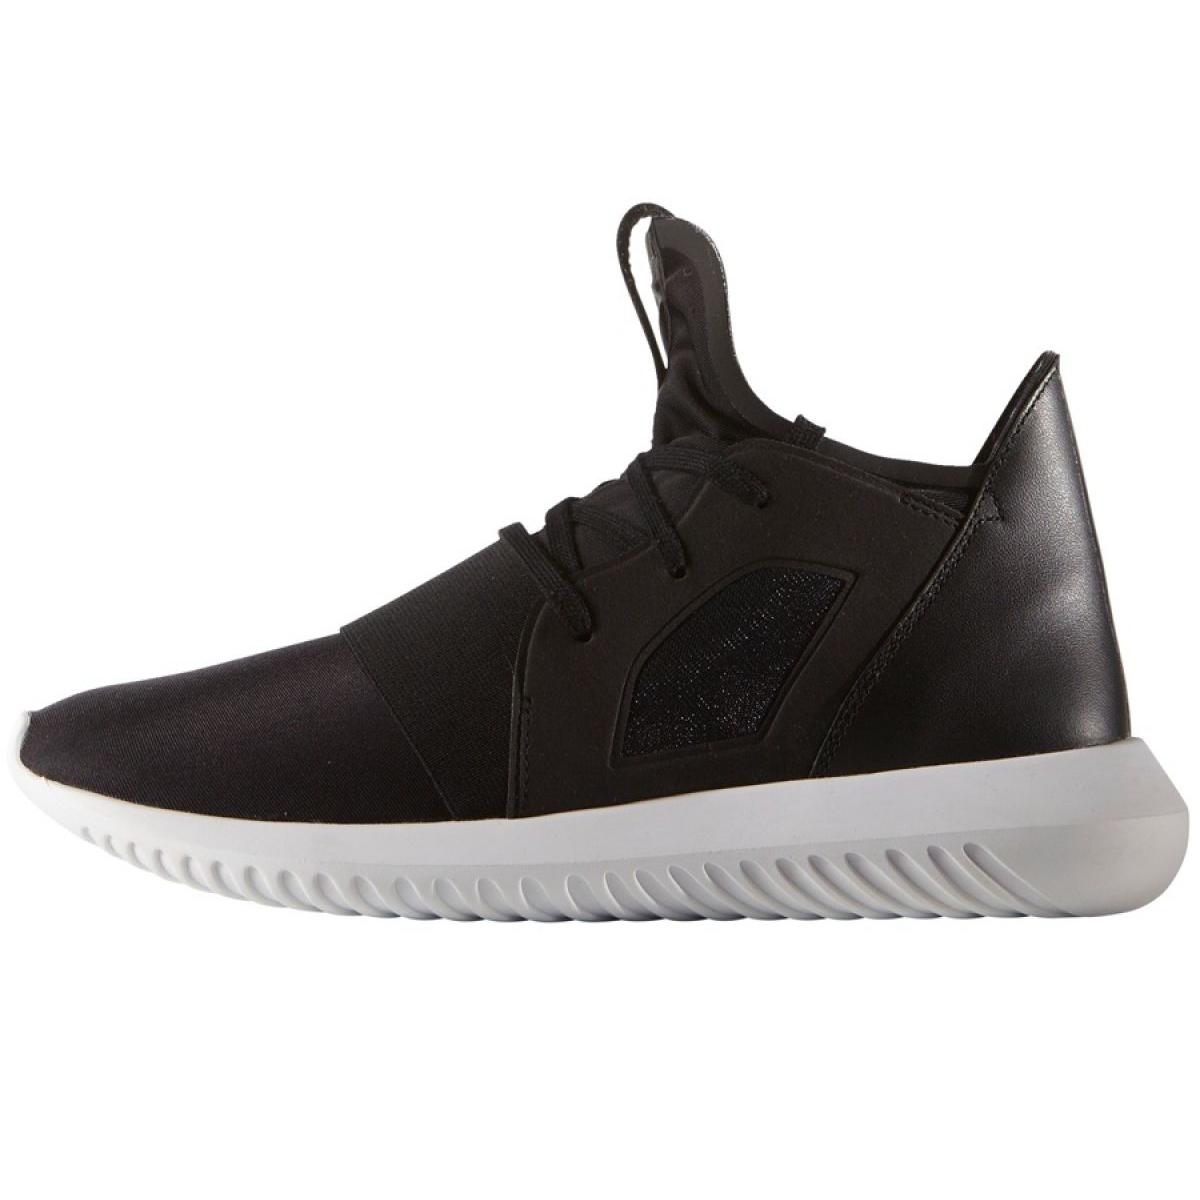 Adidas Originals Tubular Defiant shoes